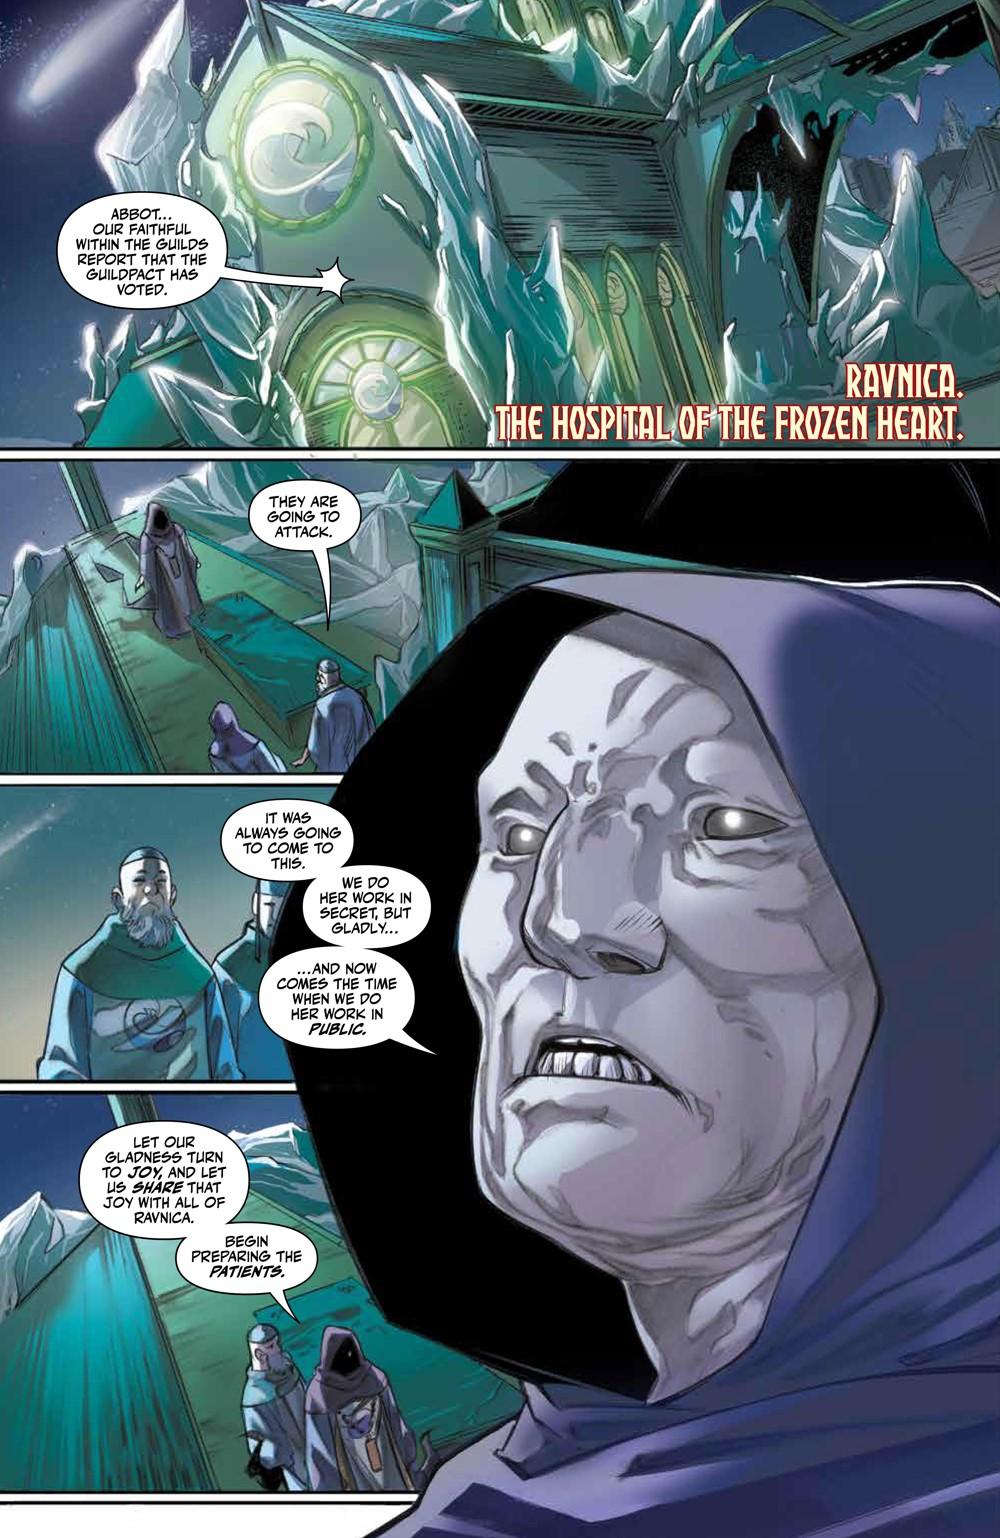 Magic_007_PRESS_3 ComicList Previews: MAGIC #7